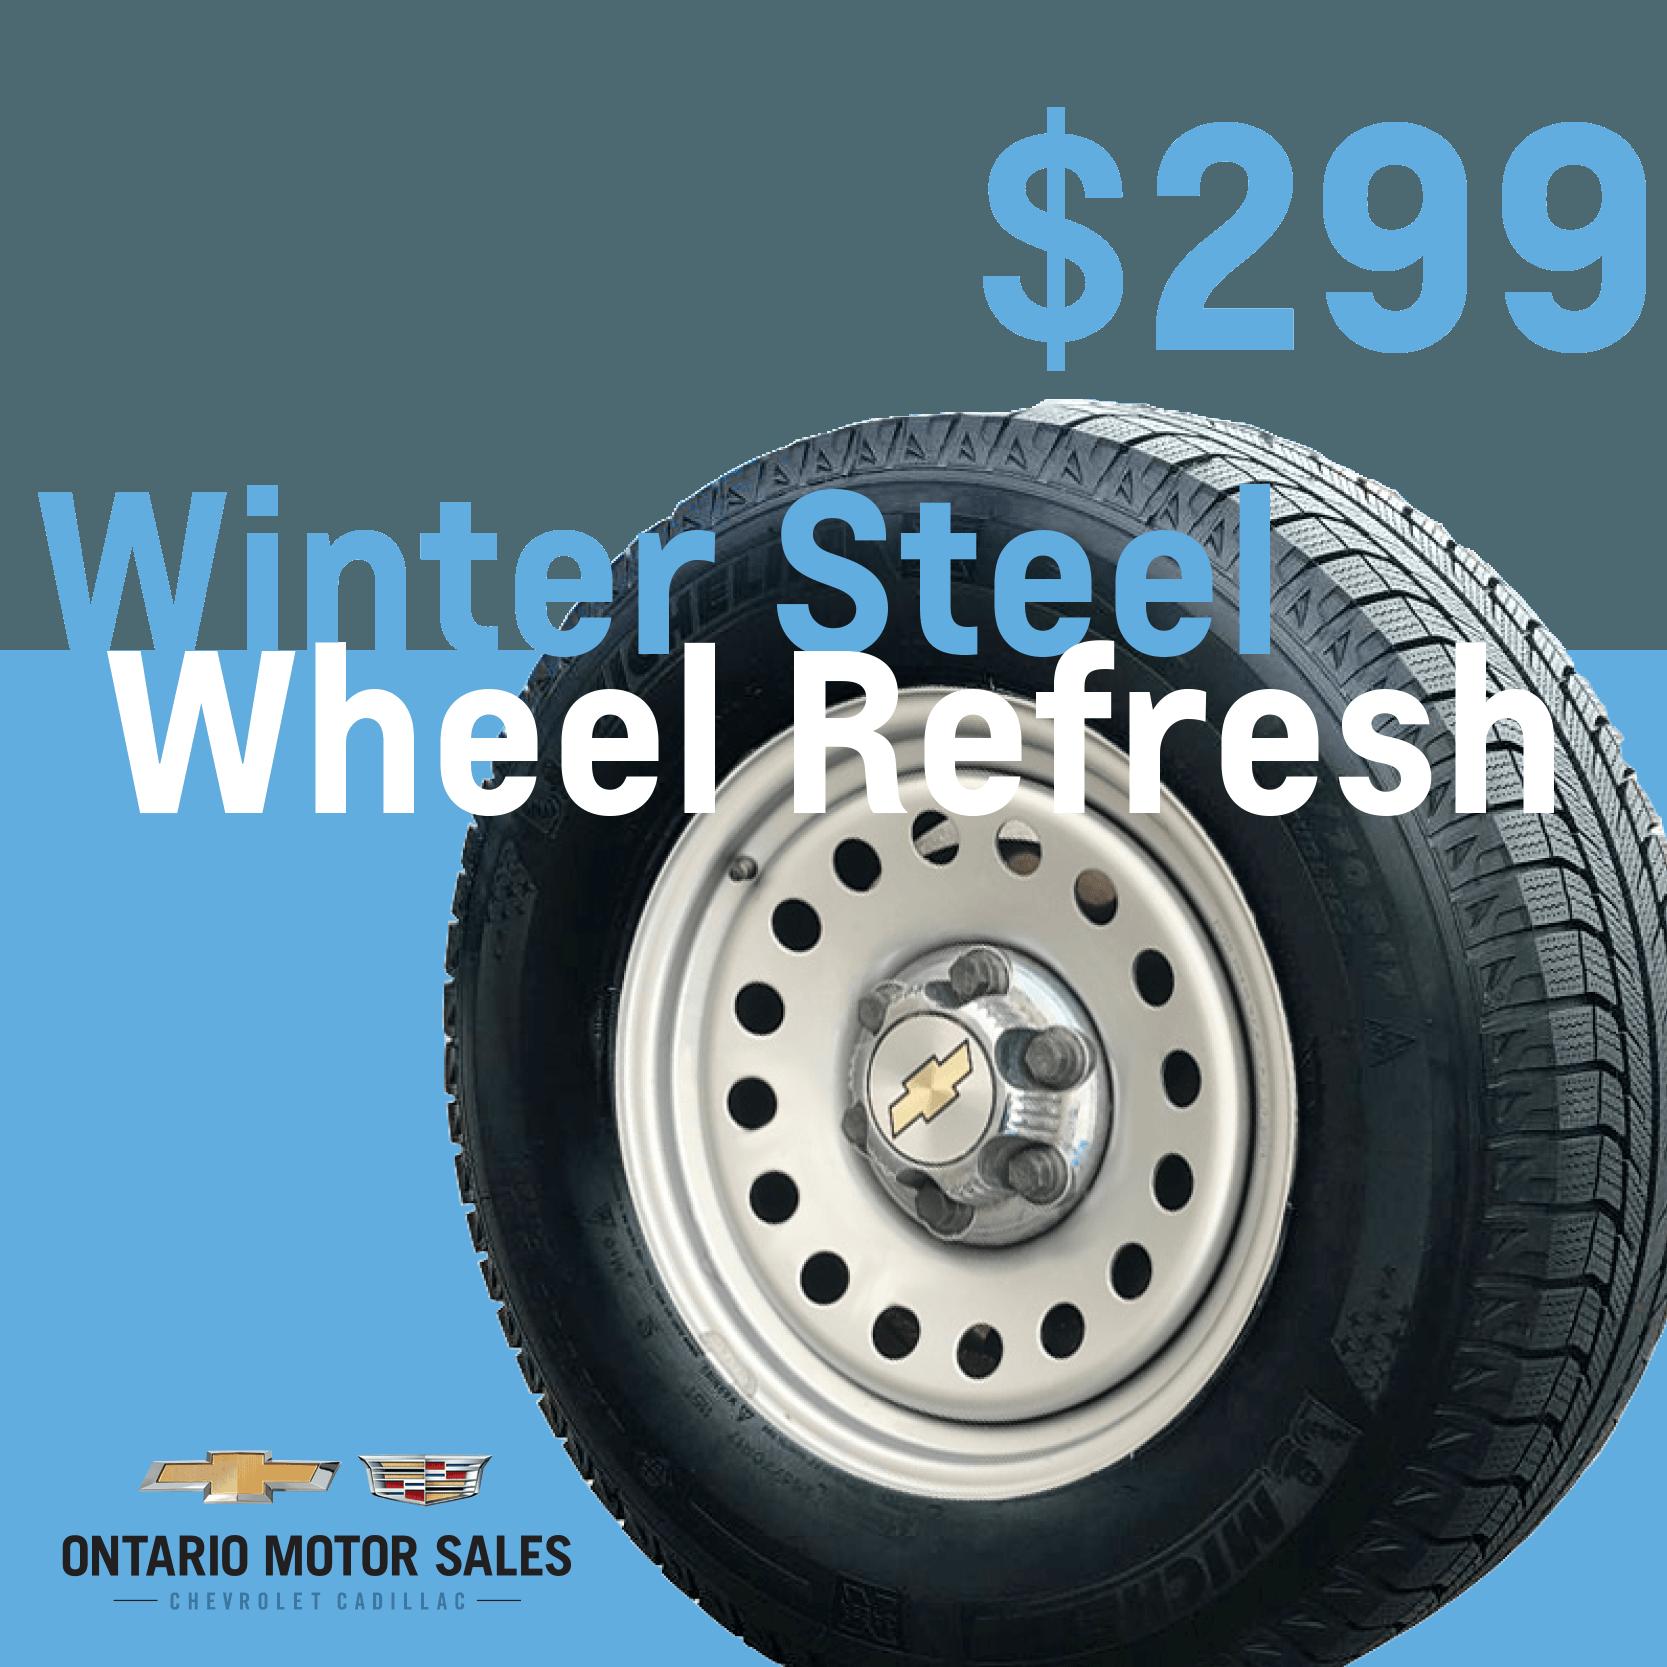 Parts Specials Ontario Motor Sales